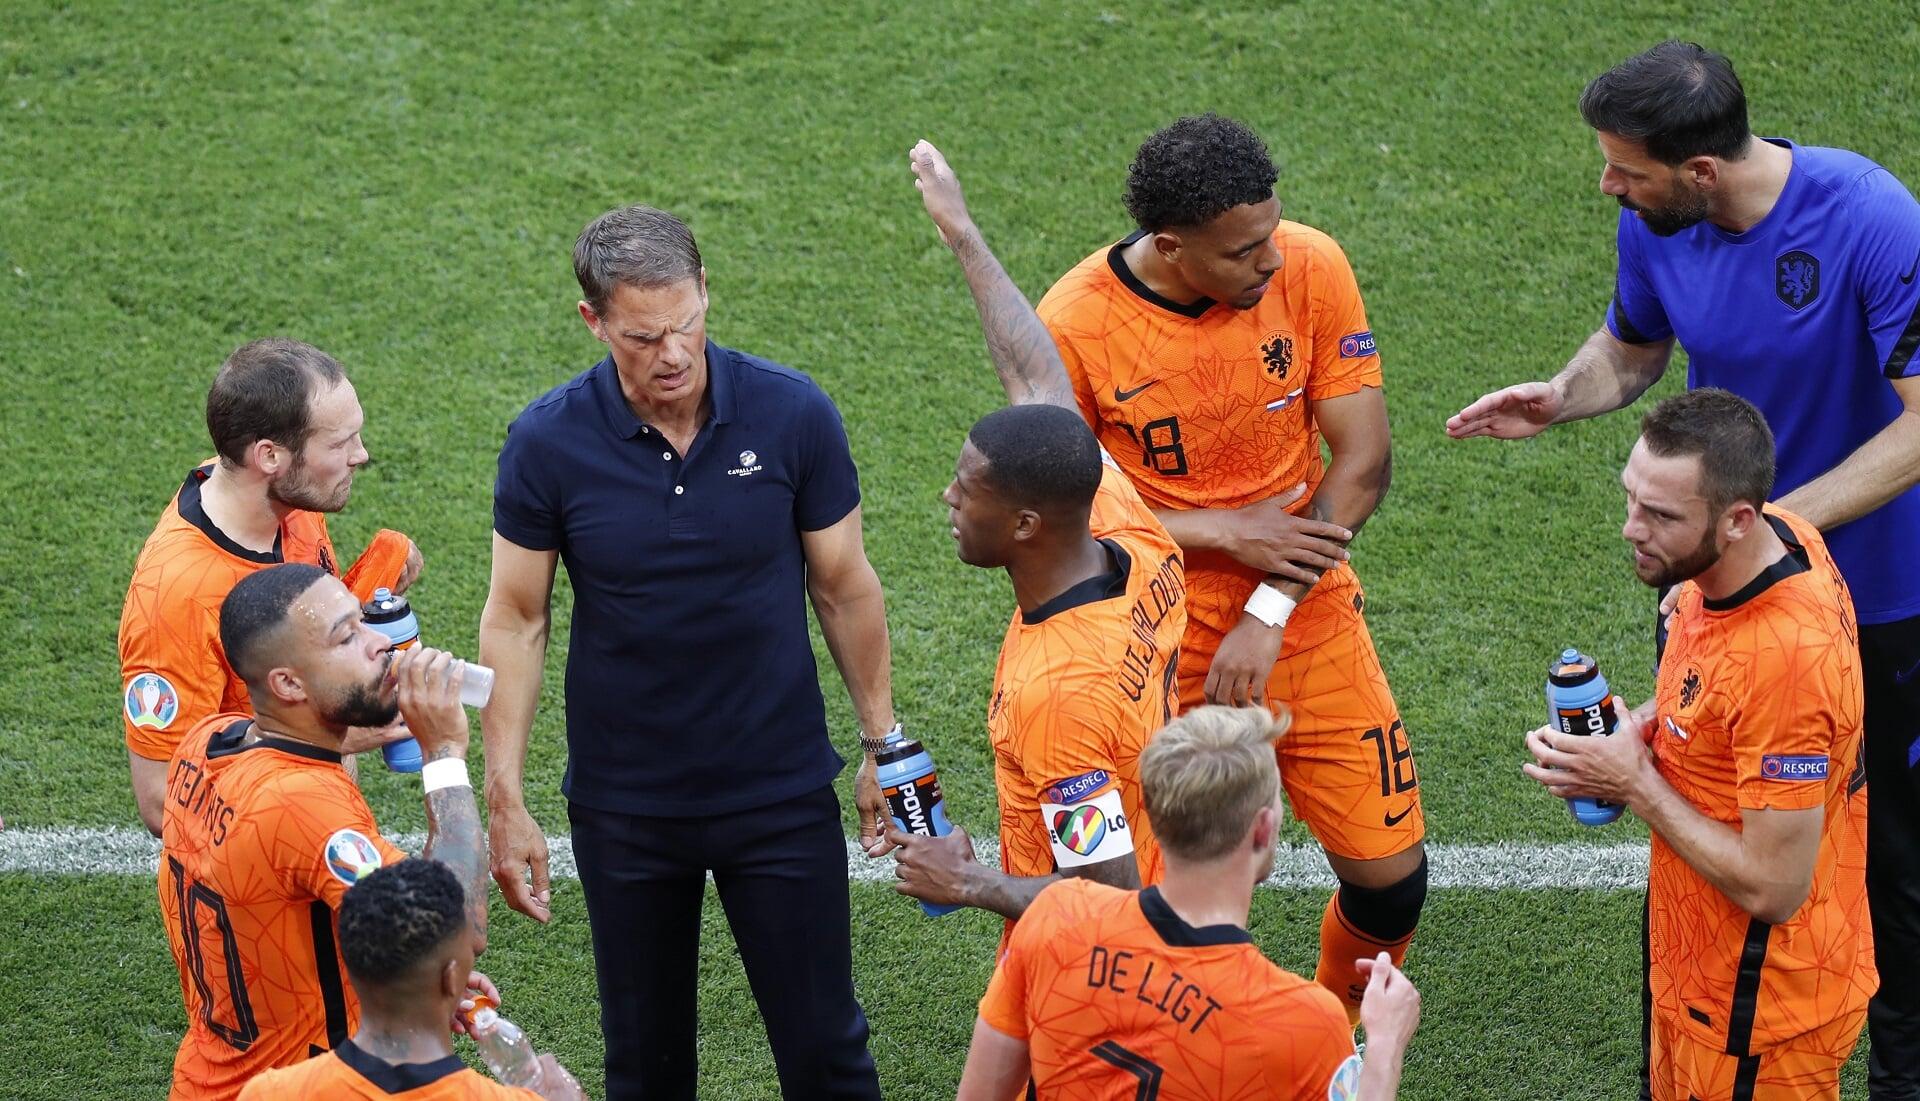 Вейналдум надел капитанскую повязку против дискриминации на матч с Чехией. Де Бур назвал это «серьезным заявлением»